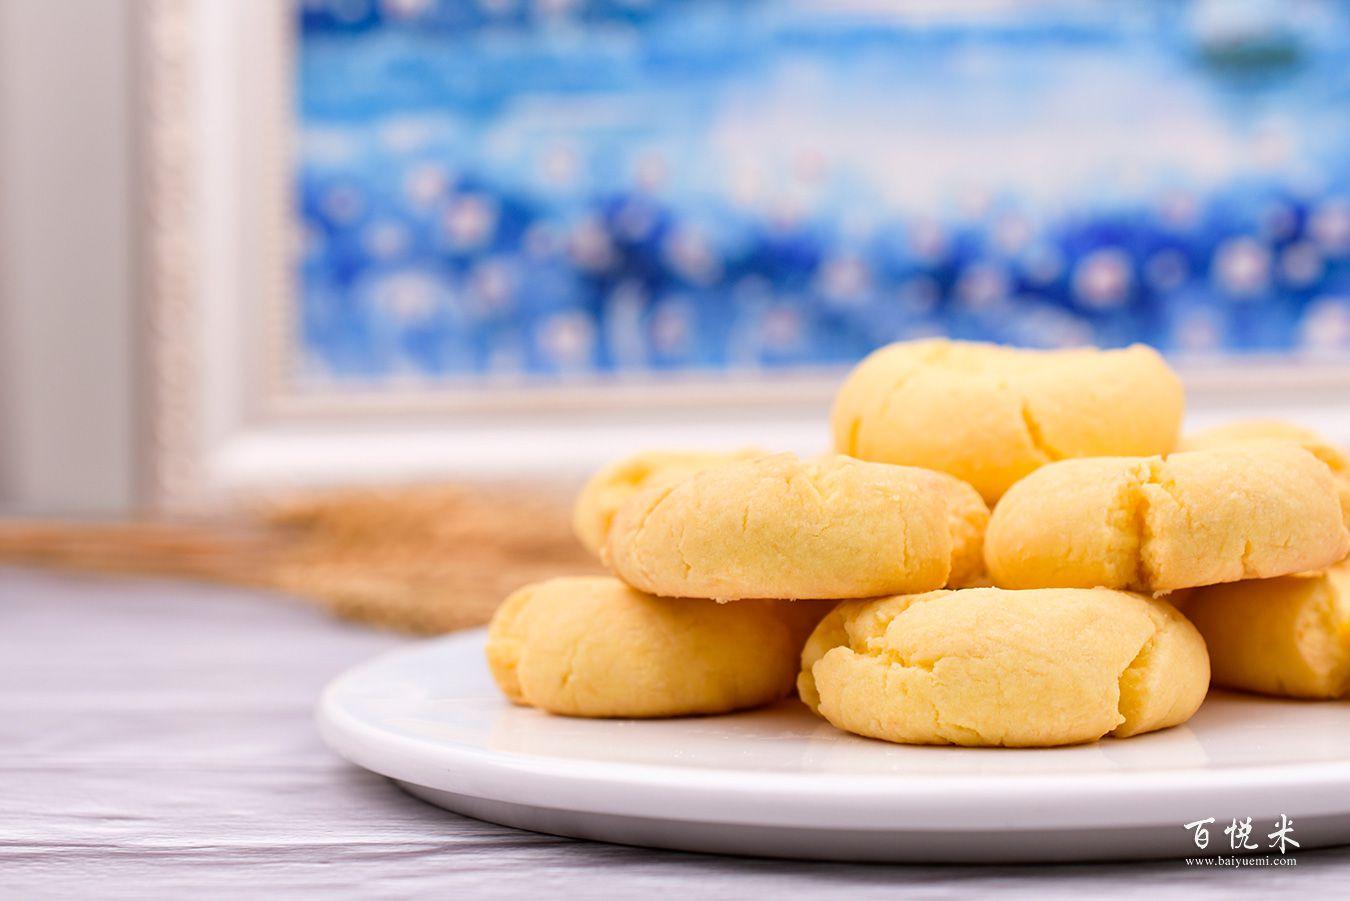 玛格丽特饼干高清图片大全【蛋糕图片】_409